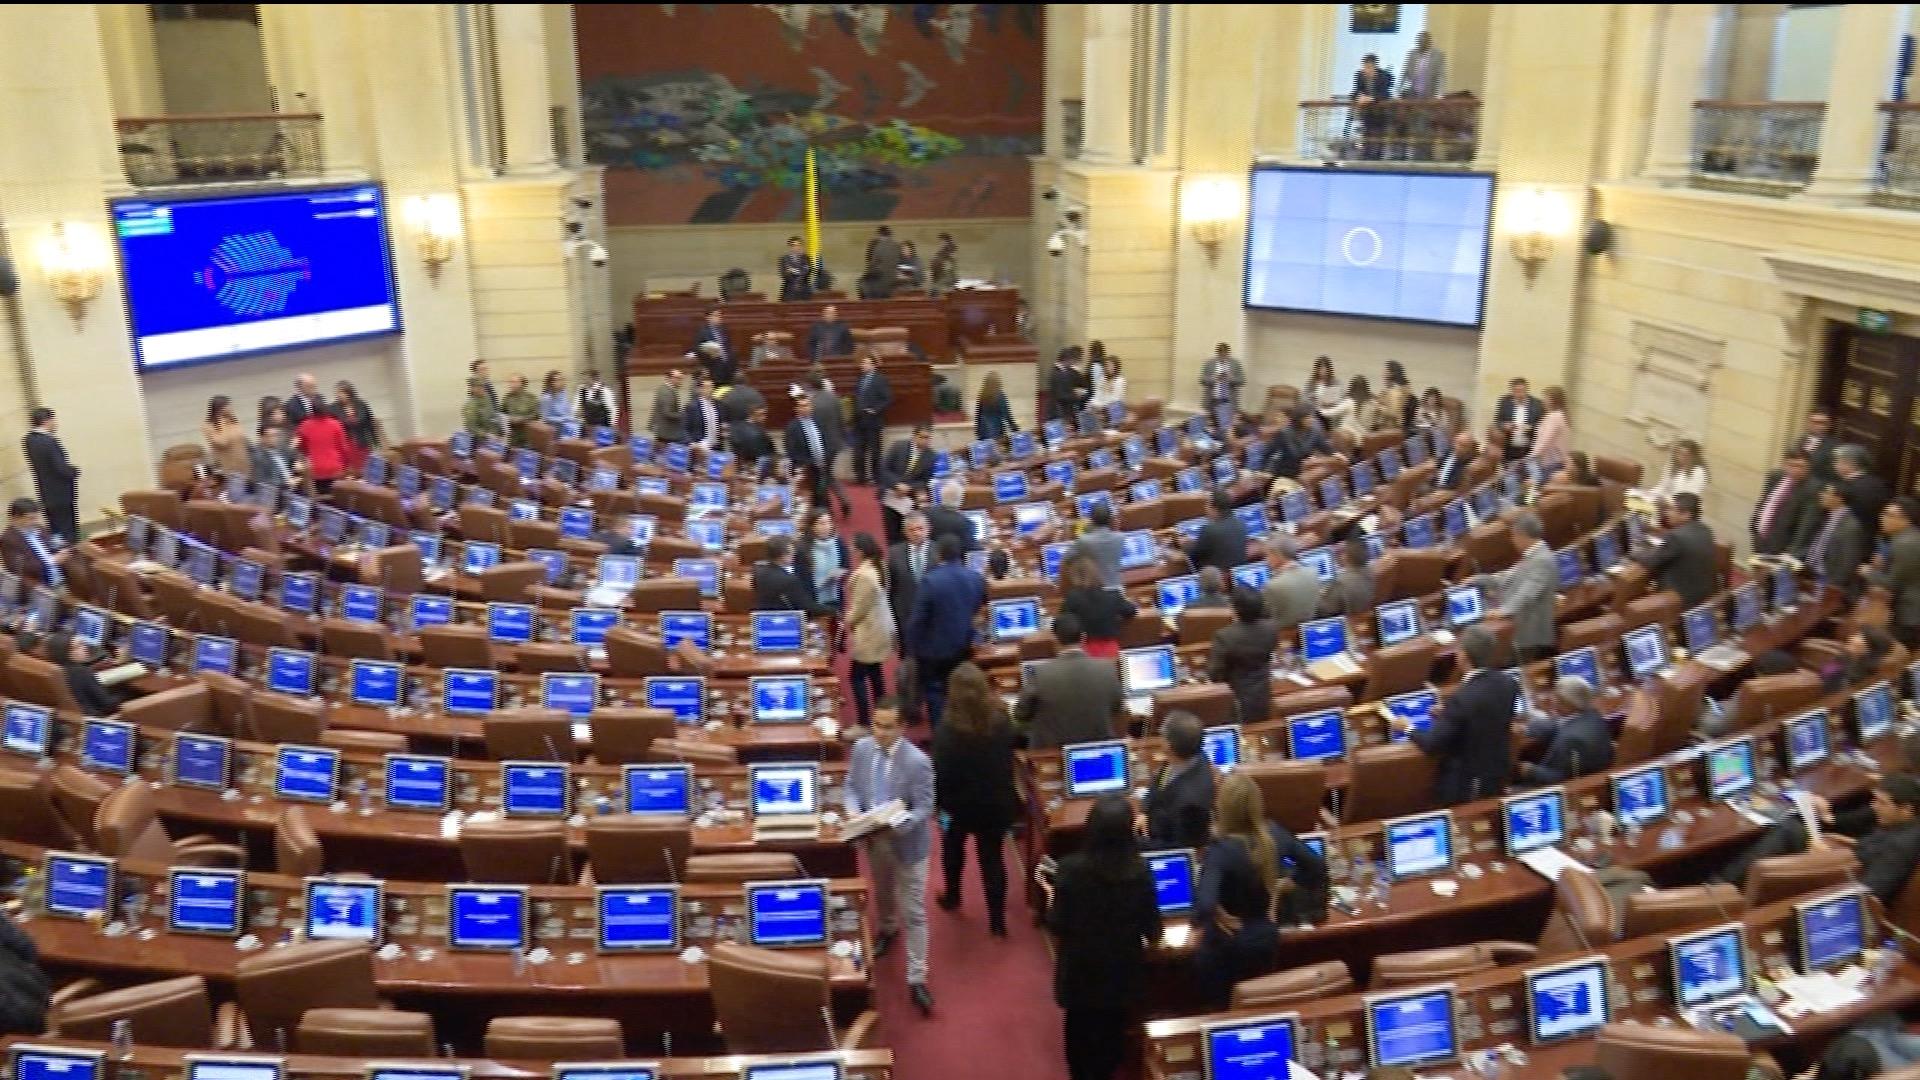 Urge Consejo de Seguridad ONU a implementar paz — Colombia